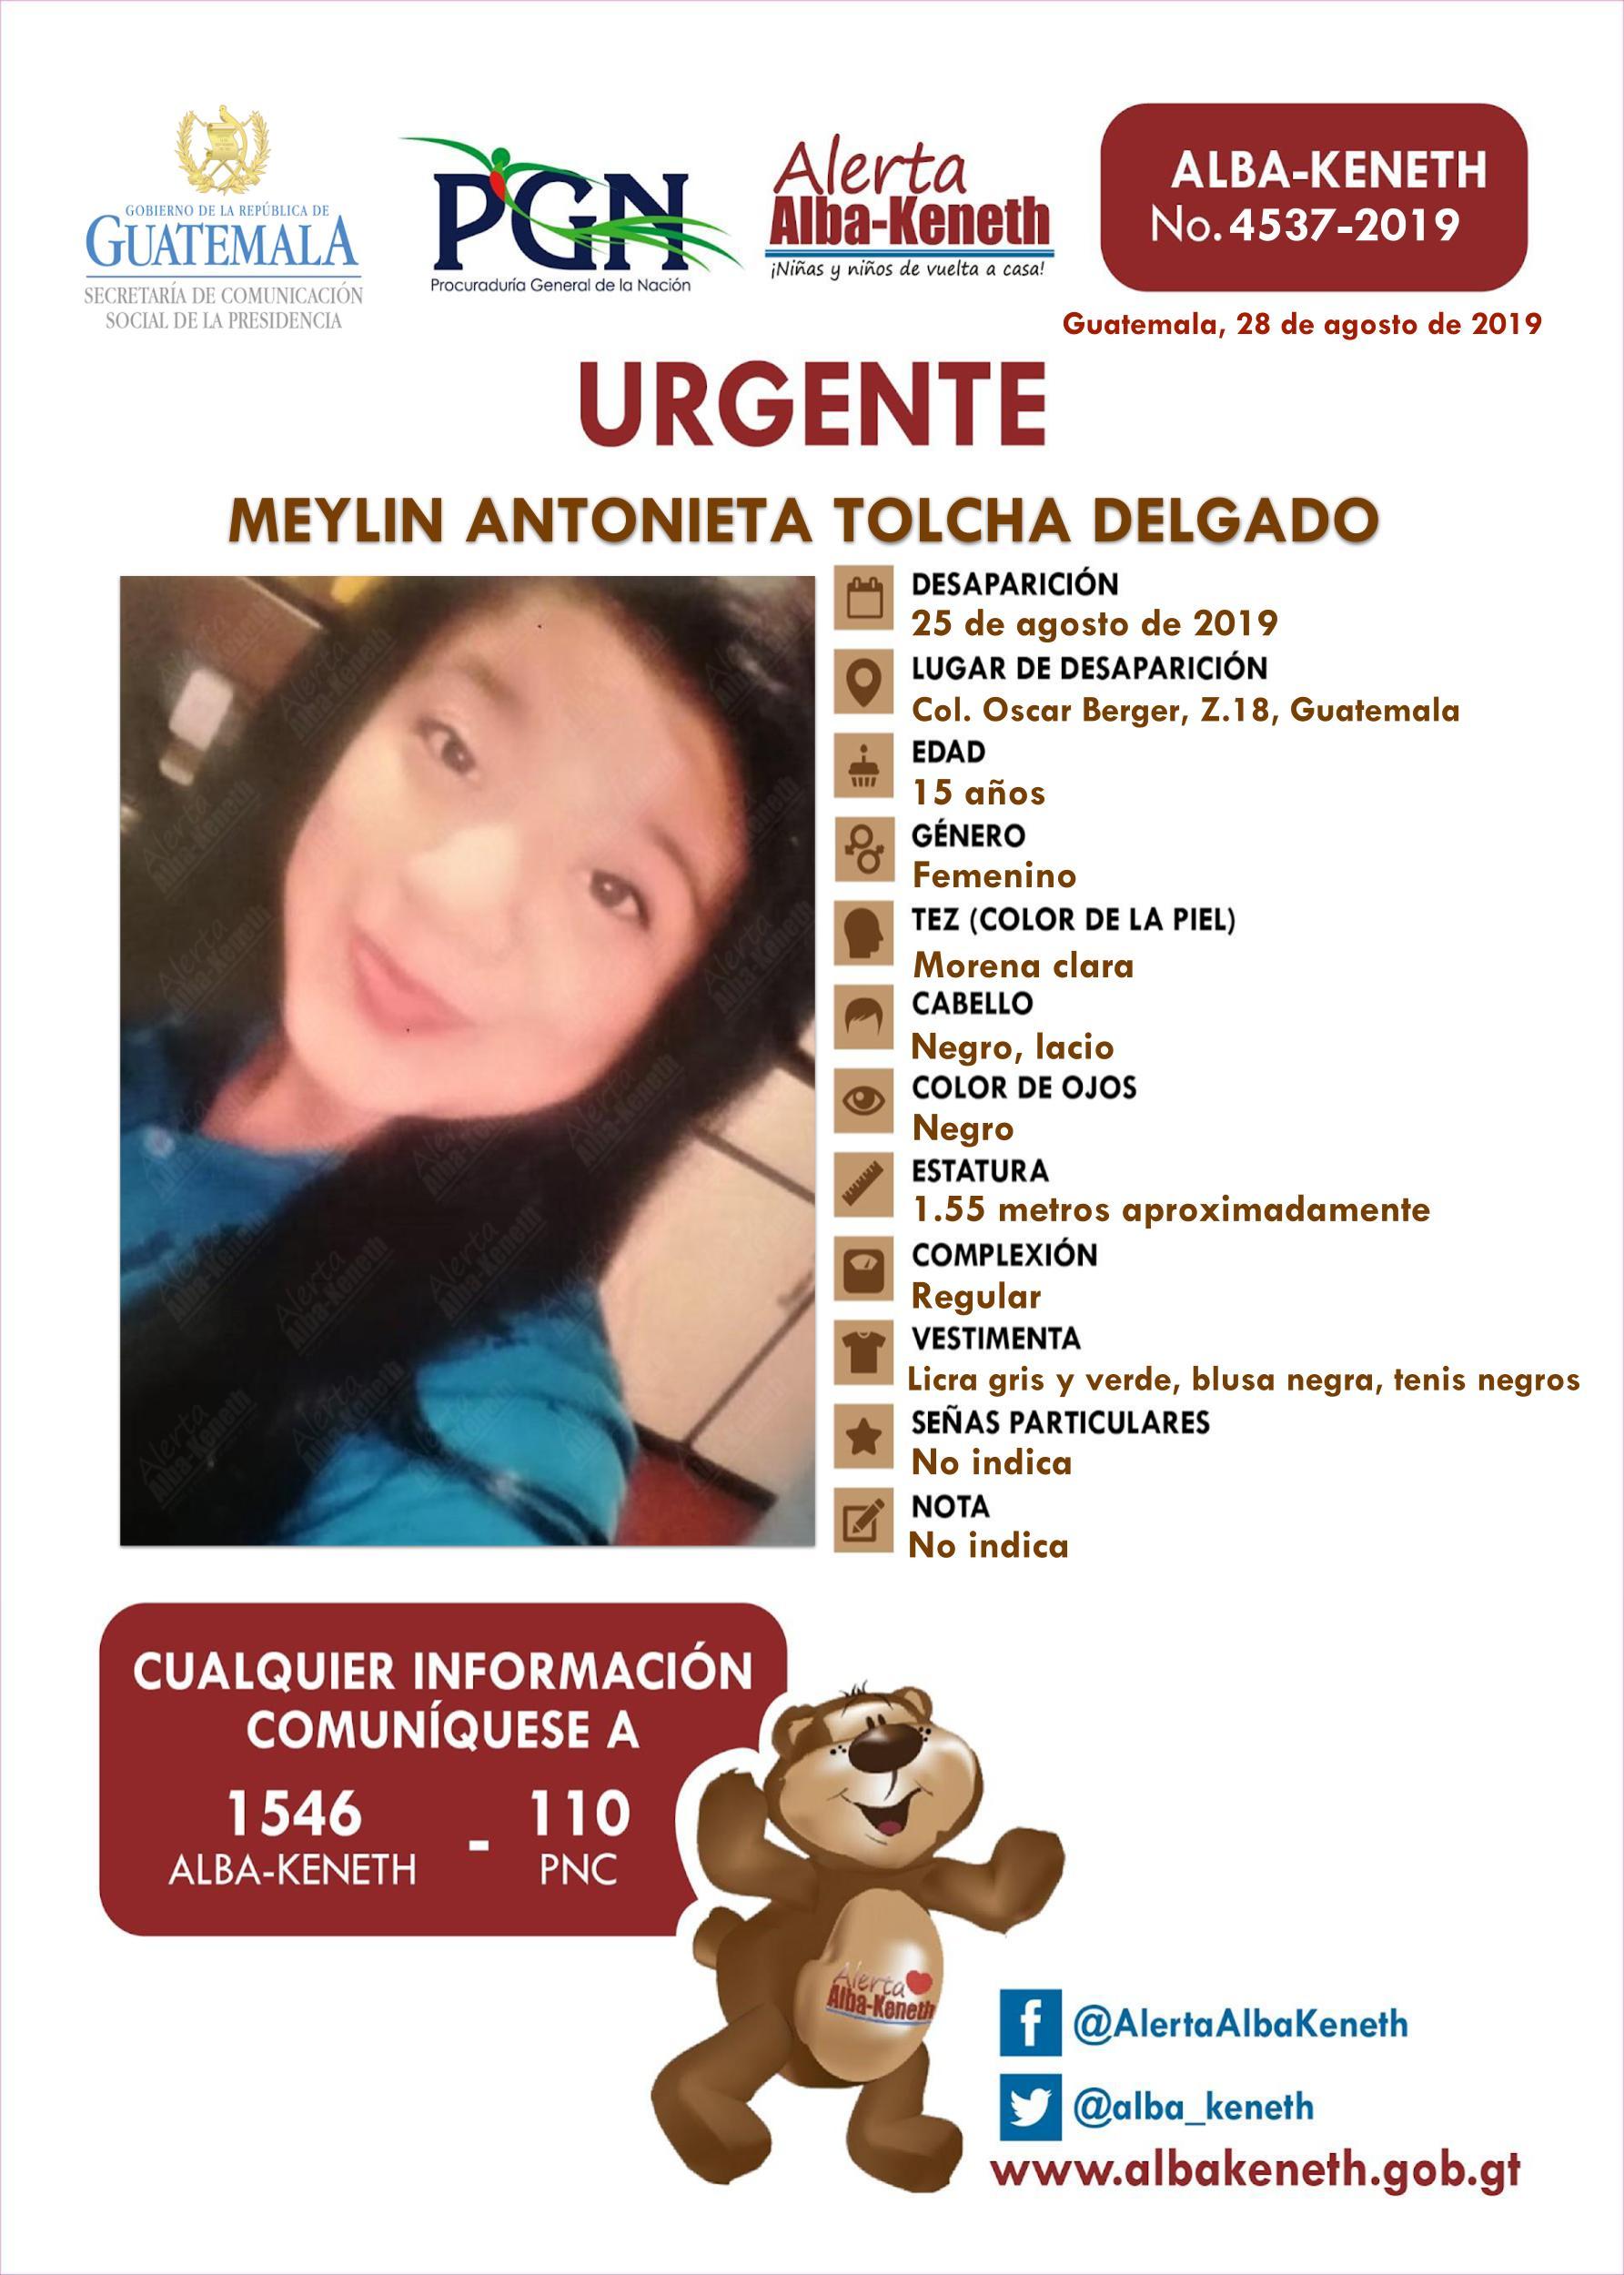 Meylin Antonieta Tolcha Delgado